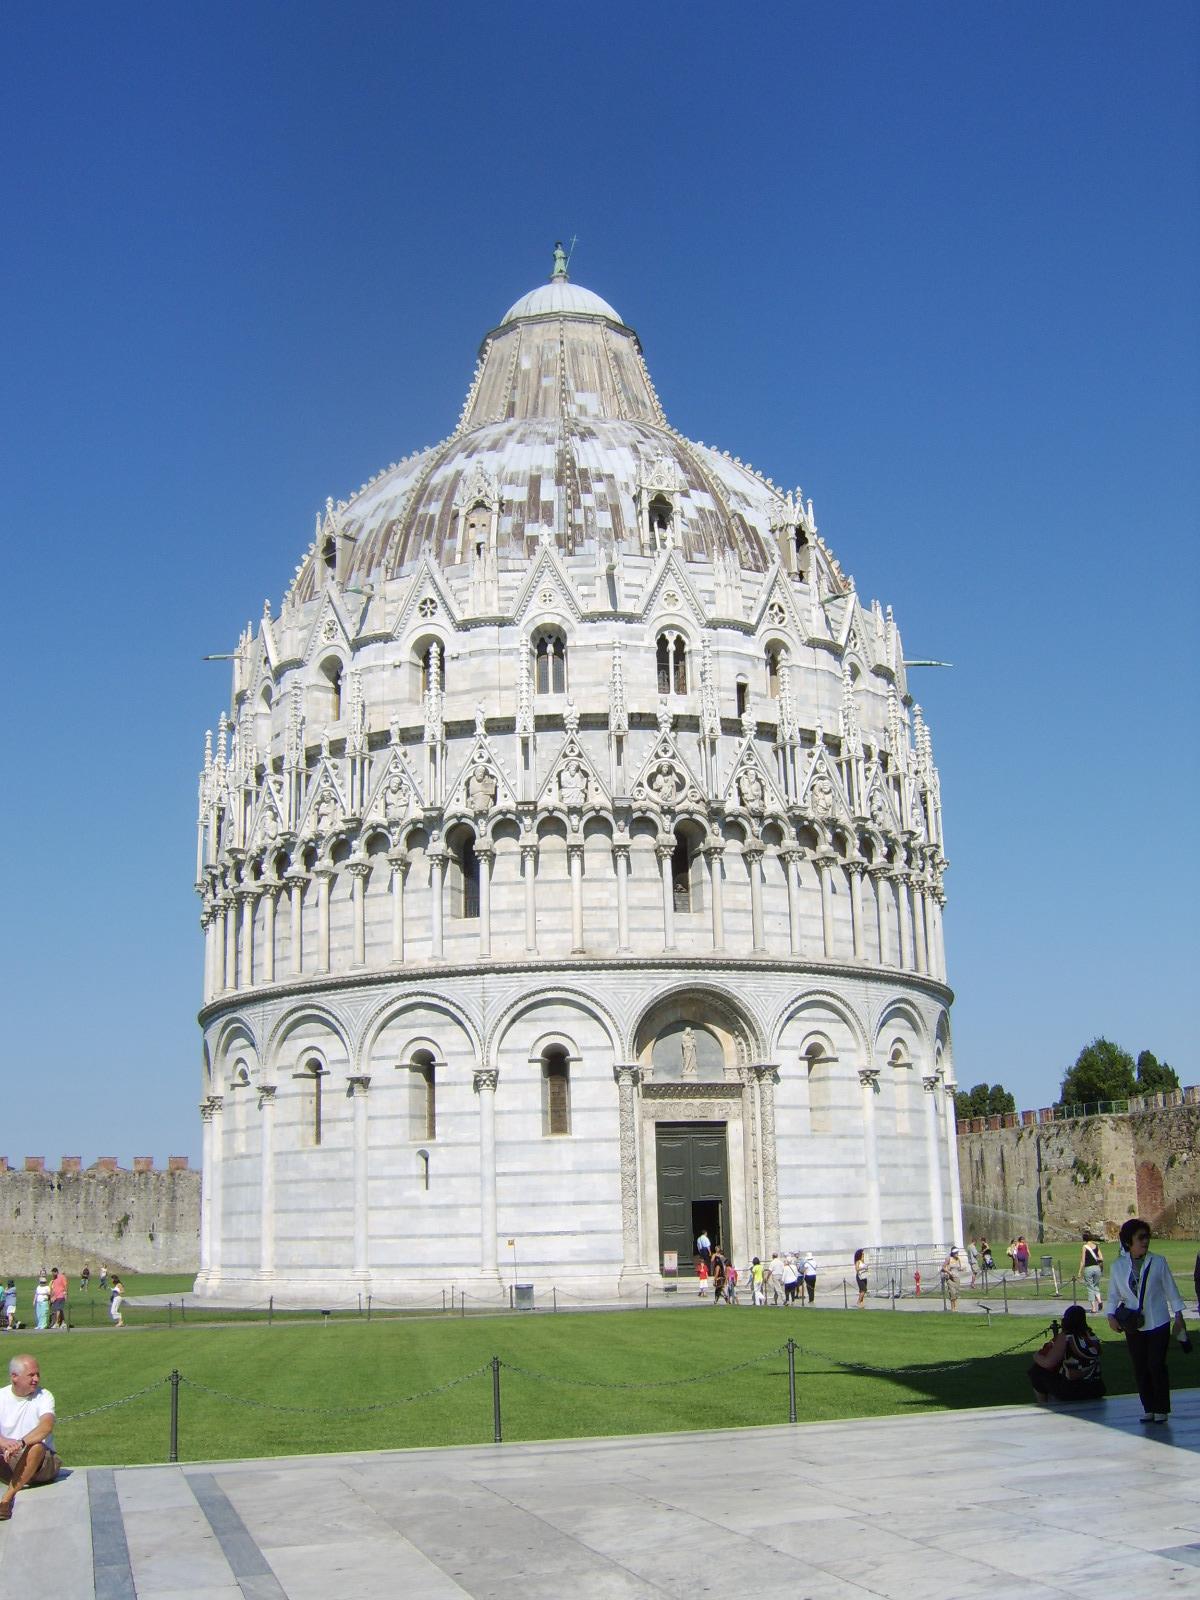 Battistero di Pisa - Wikimedia Commons